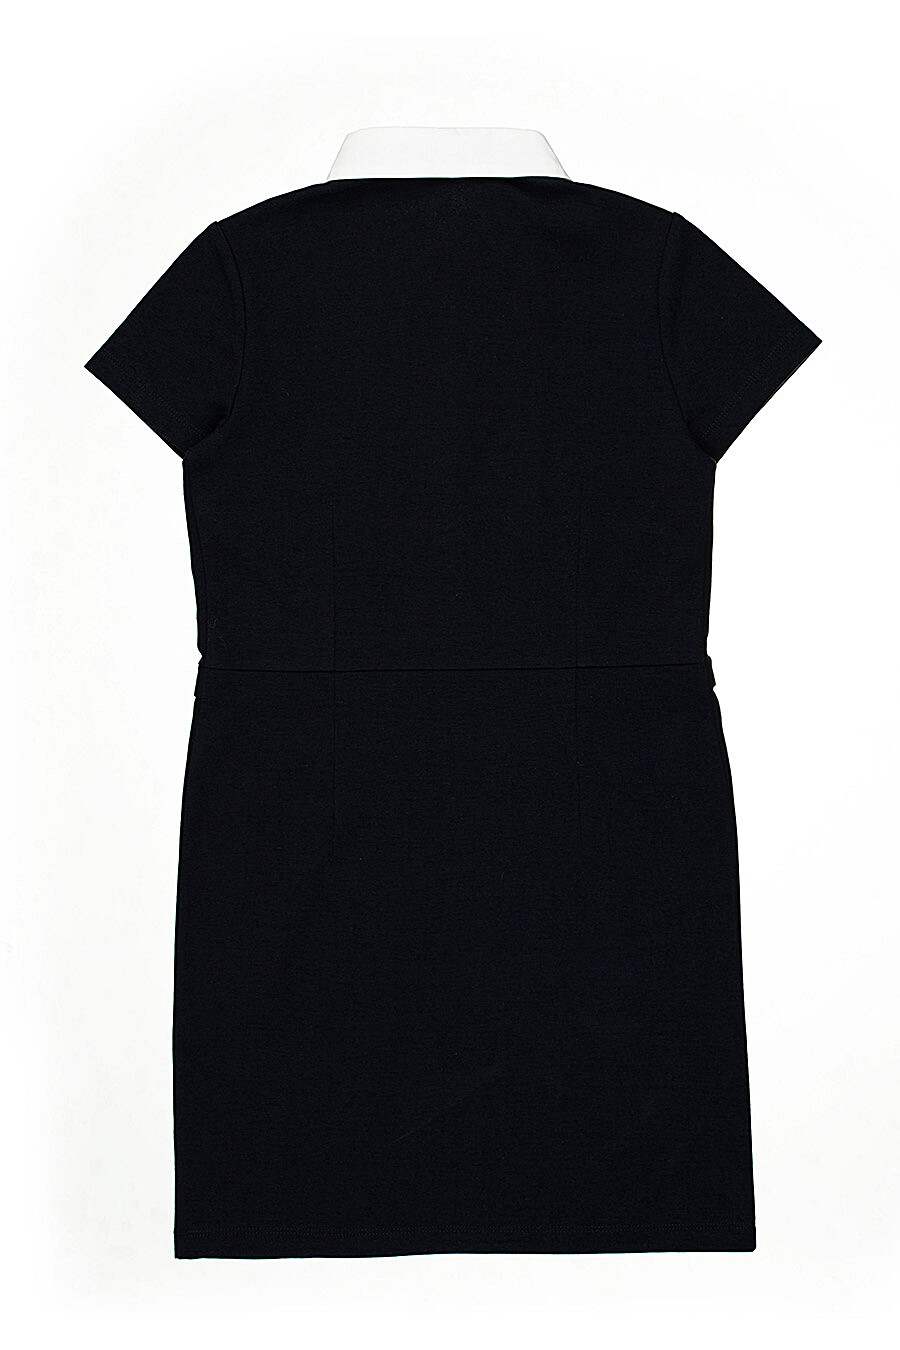 Платье для девочек IN FUNT 218923 купить оптом от производителя. Совместная покупка детской одежды в OptMoyo